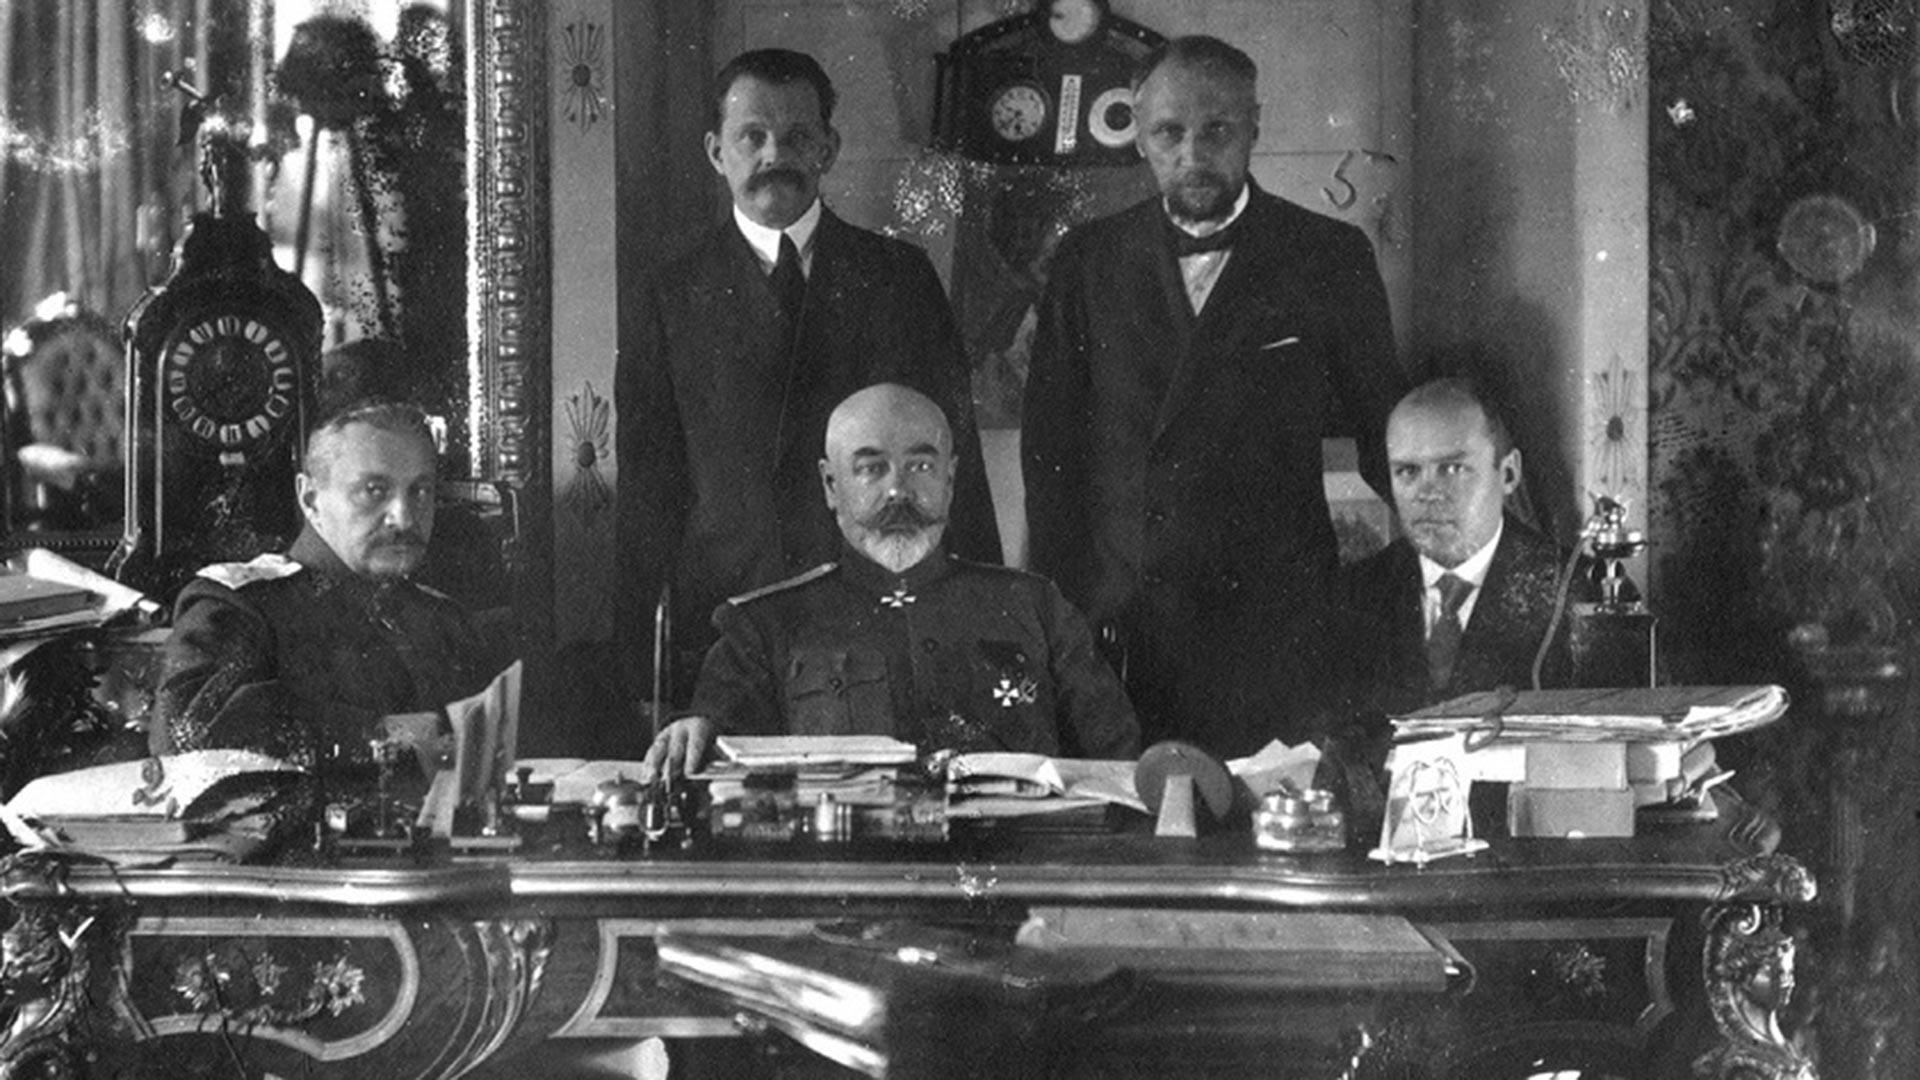 Estate 1919, Taganrog. Da sinistra: il generale I. P. Romanovskij, il generale A. I. Denikin, K. N. Sokolov. In piedi: N. I. Astrov, N. V. Savich